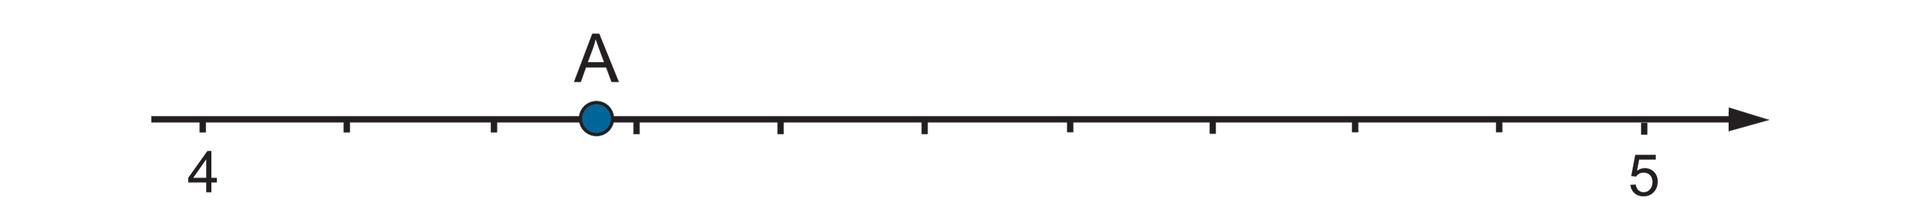 Rysunek osi liczbowej zzaznaczonymi punktami 4 i5. Punkt Aznajduje się między 4,2 i4,3, bliżej 4,3.